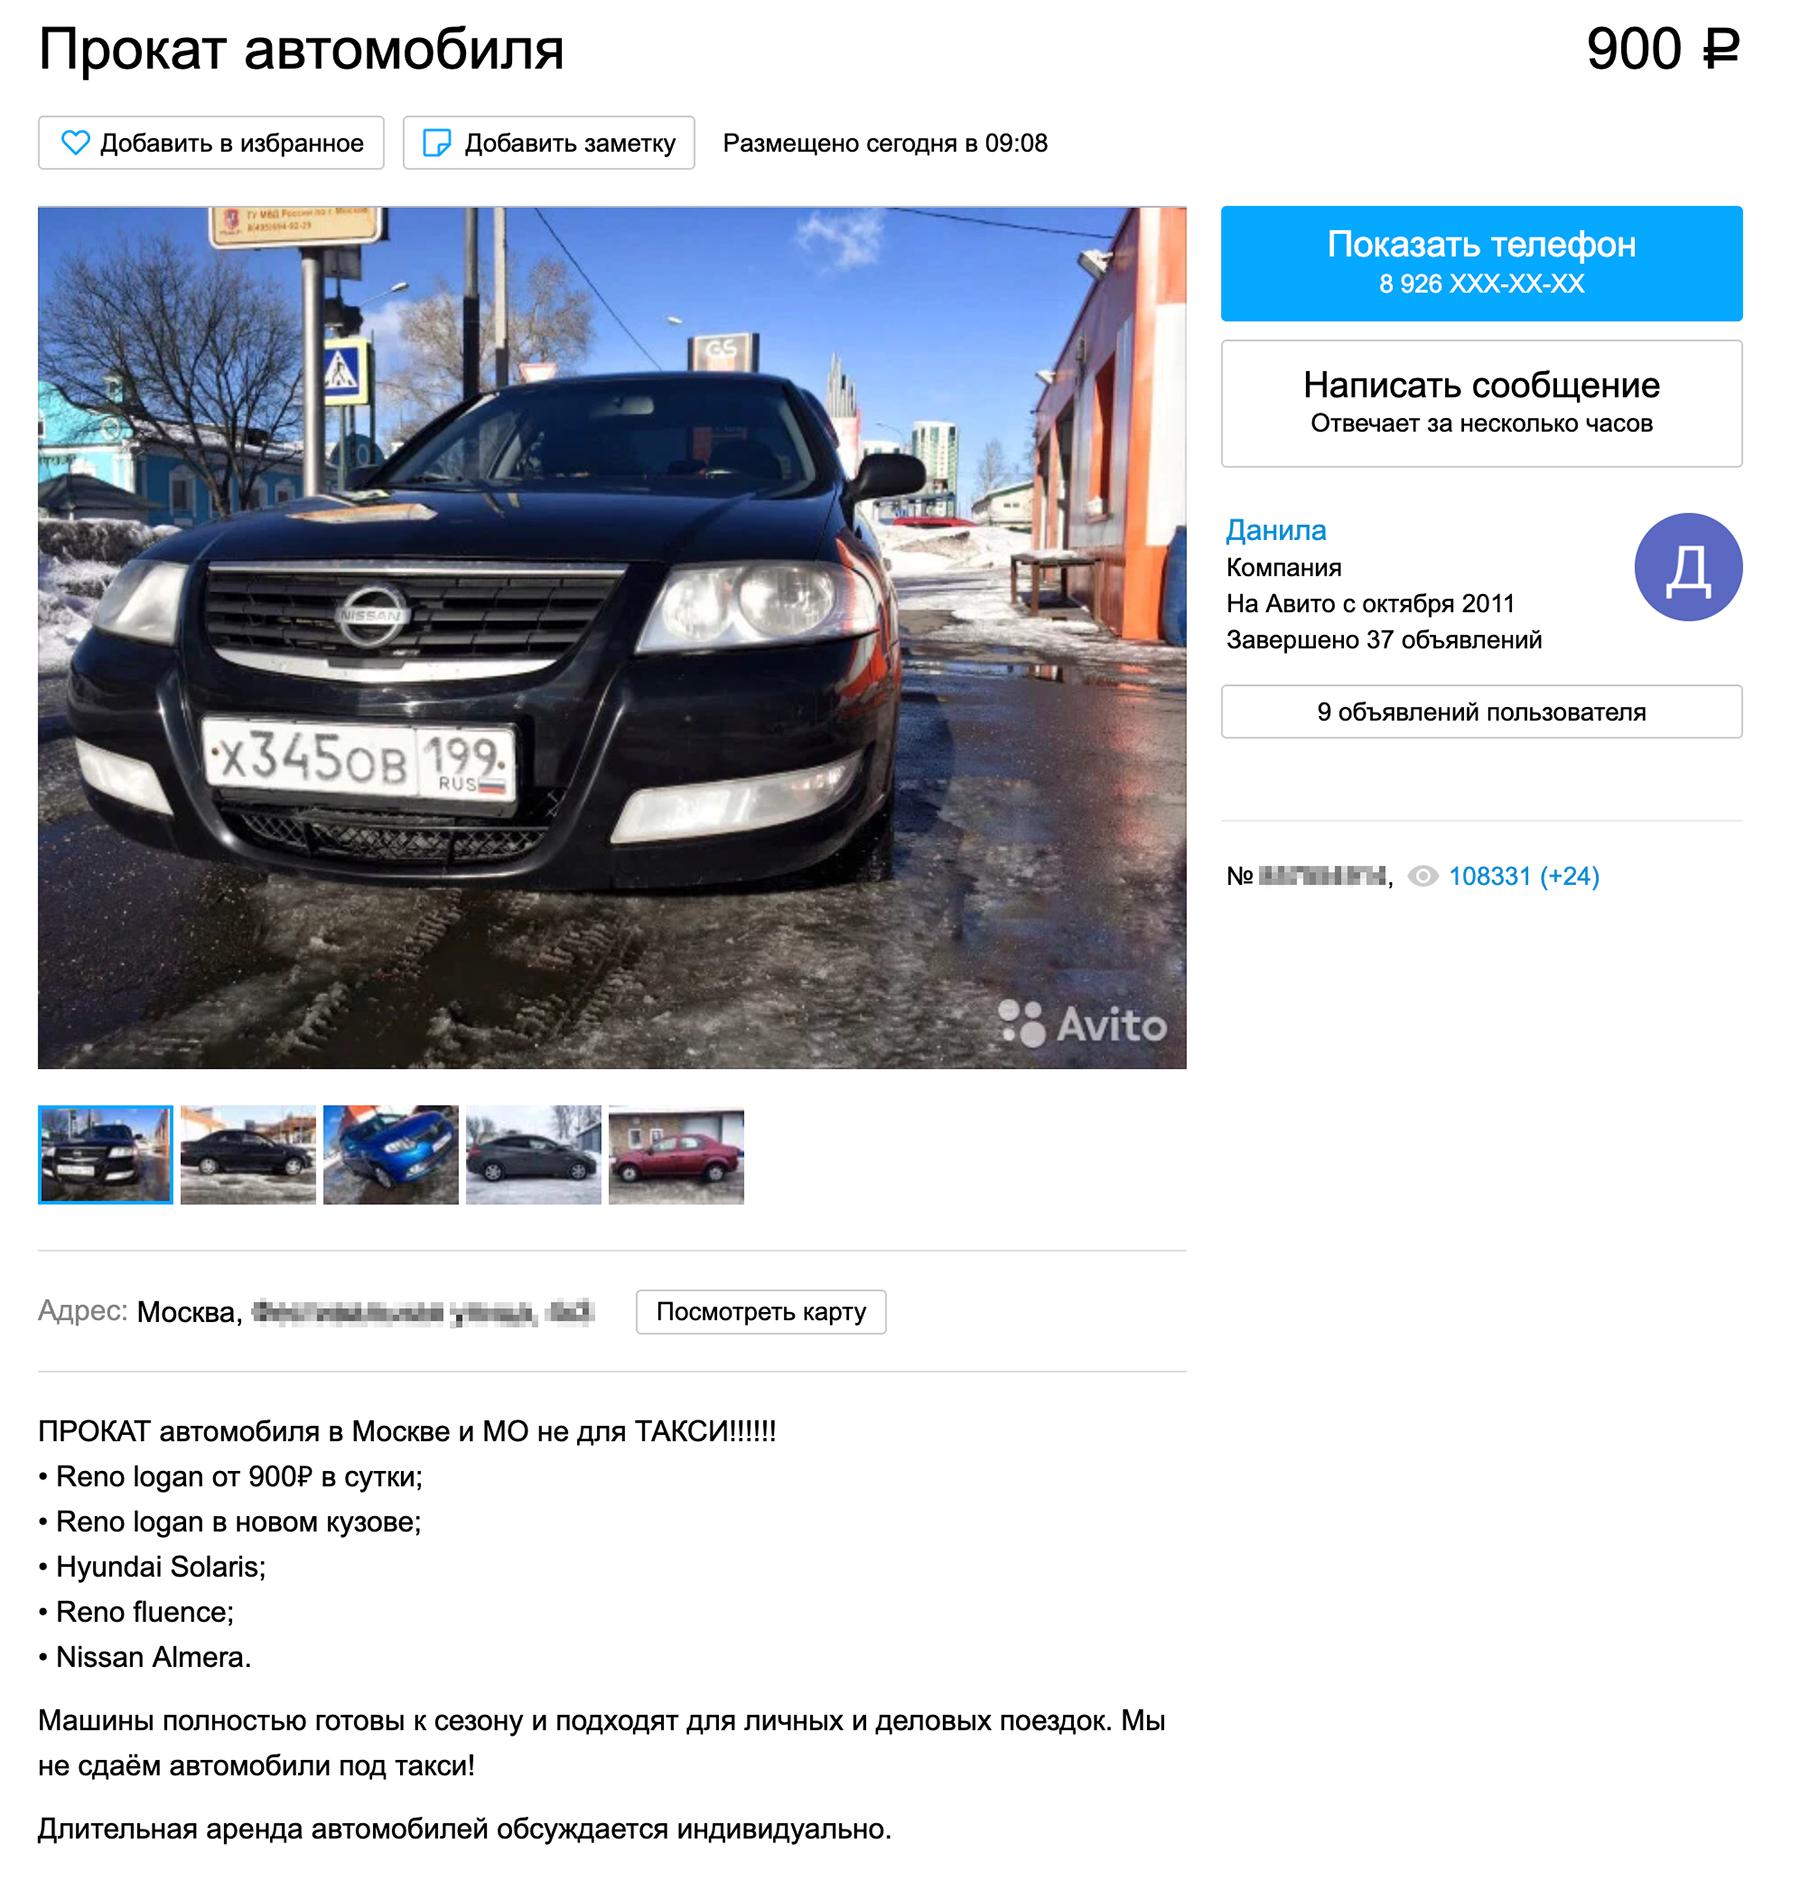 В Москве можно взять машину в аренду по цене от 900 р. в сутки, но средняя цена на «Авито», как показывает поиск, — от 1200 р.